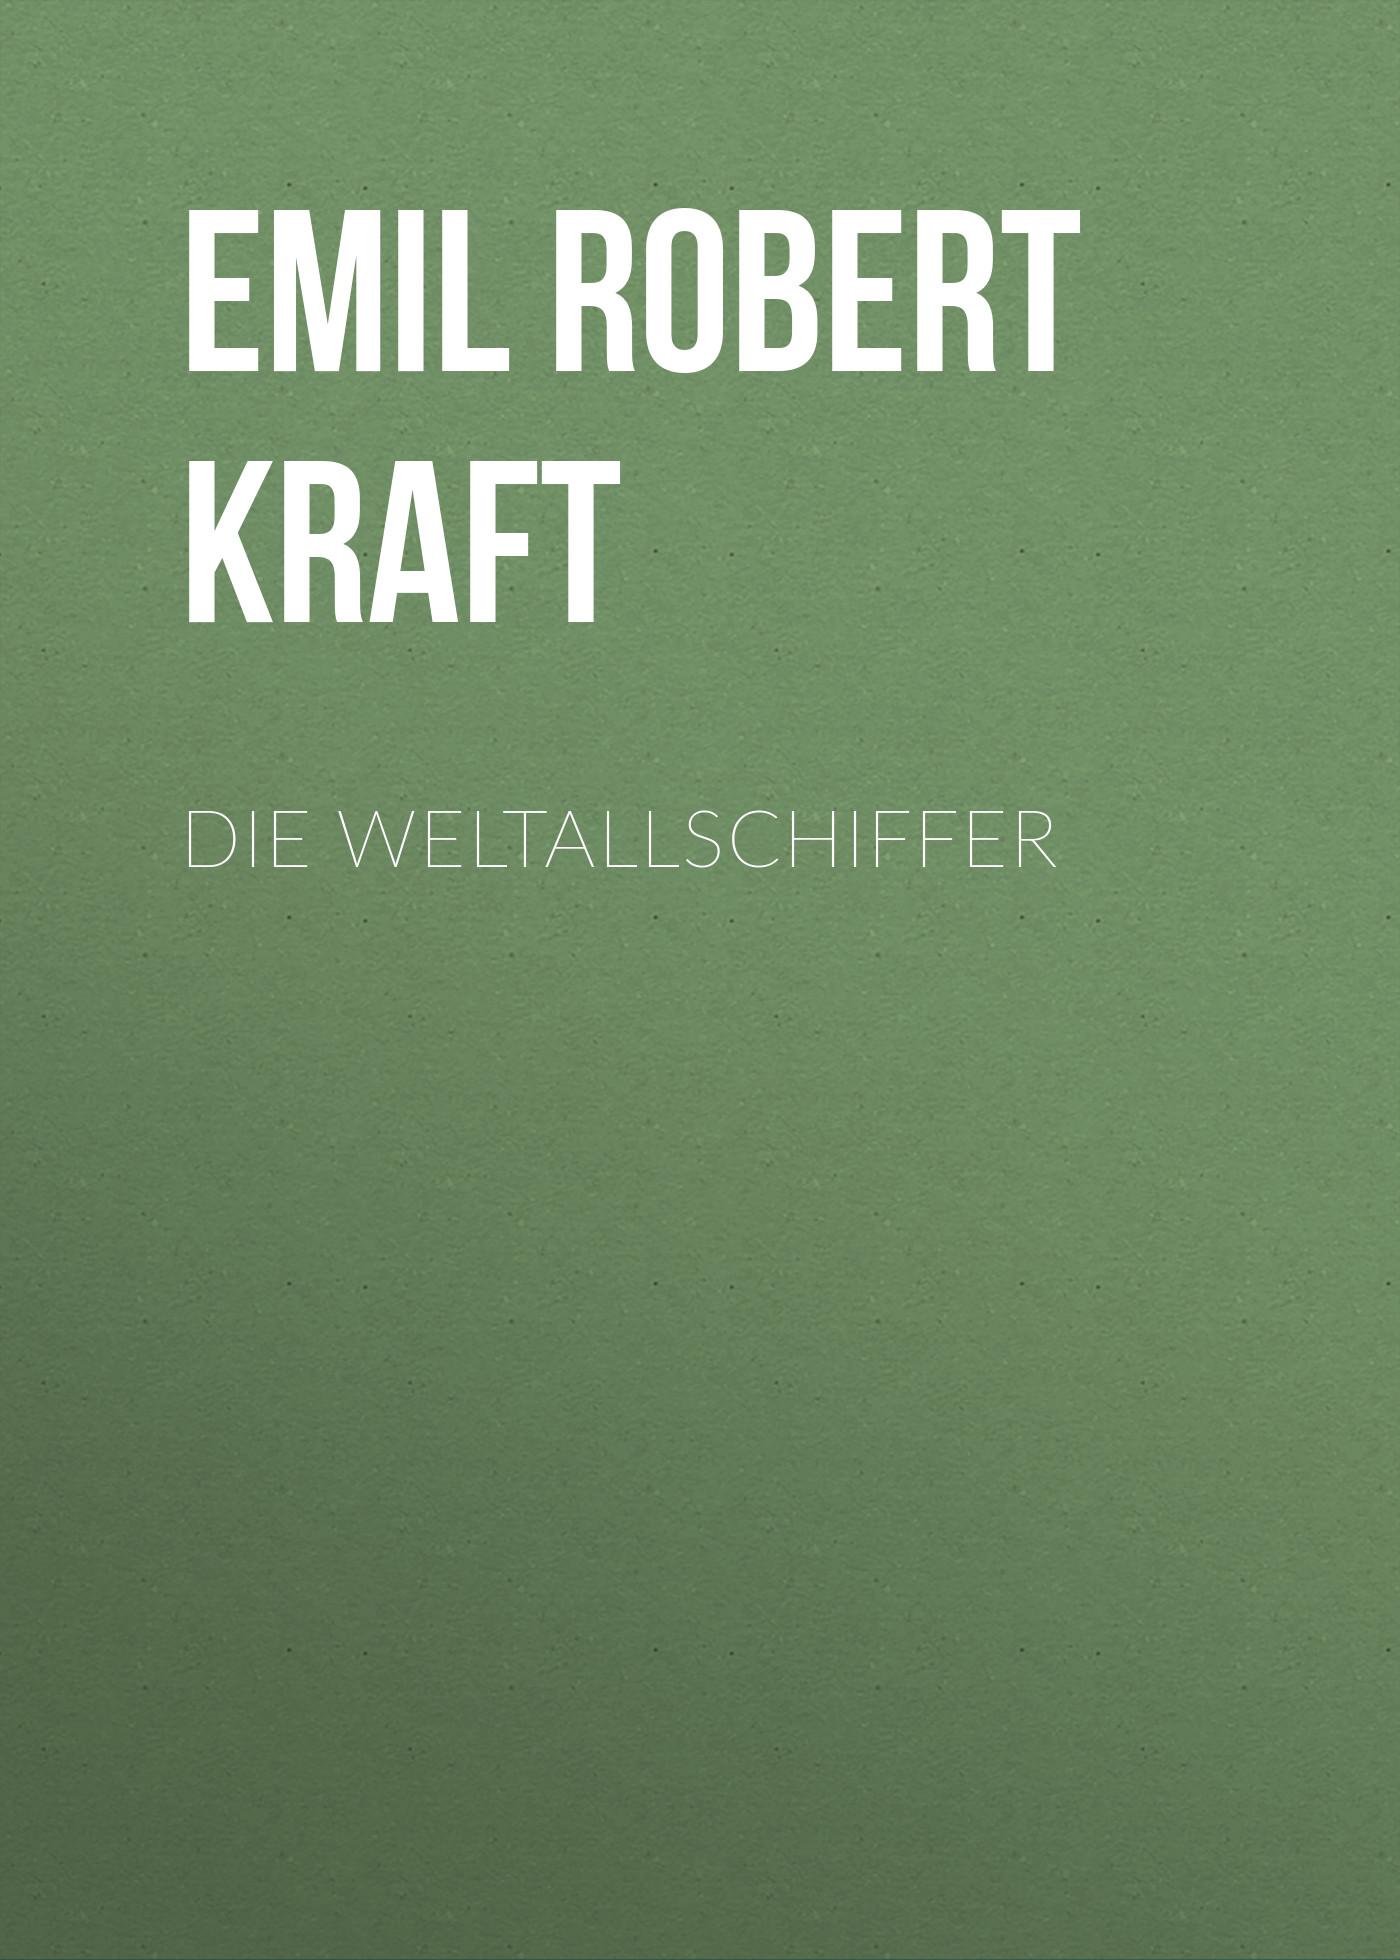 Emil Robert Kraft Die Weltallschiffer